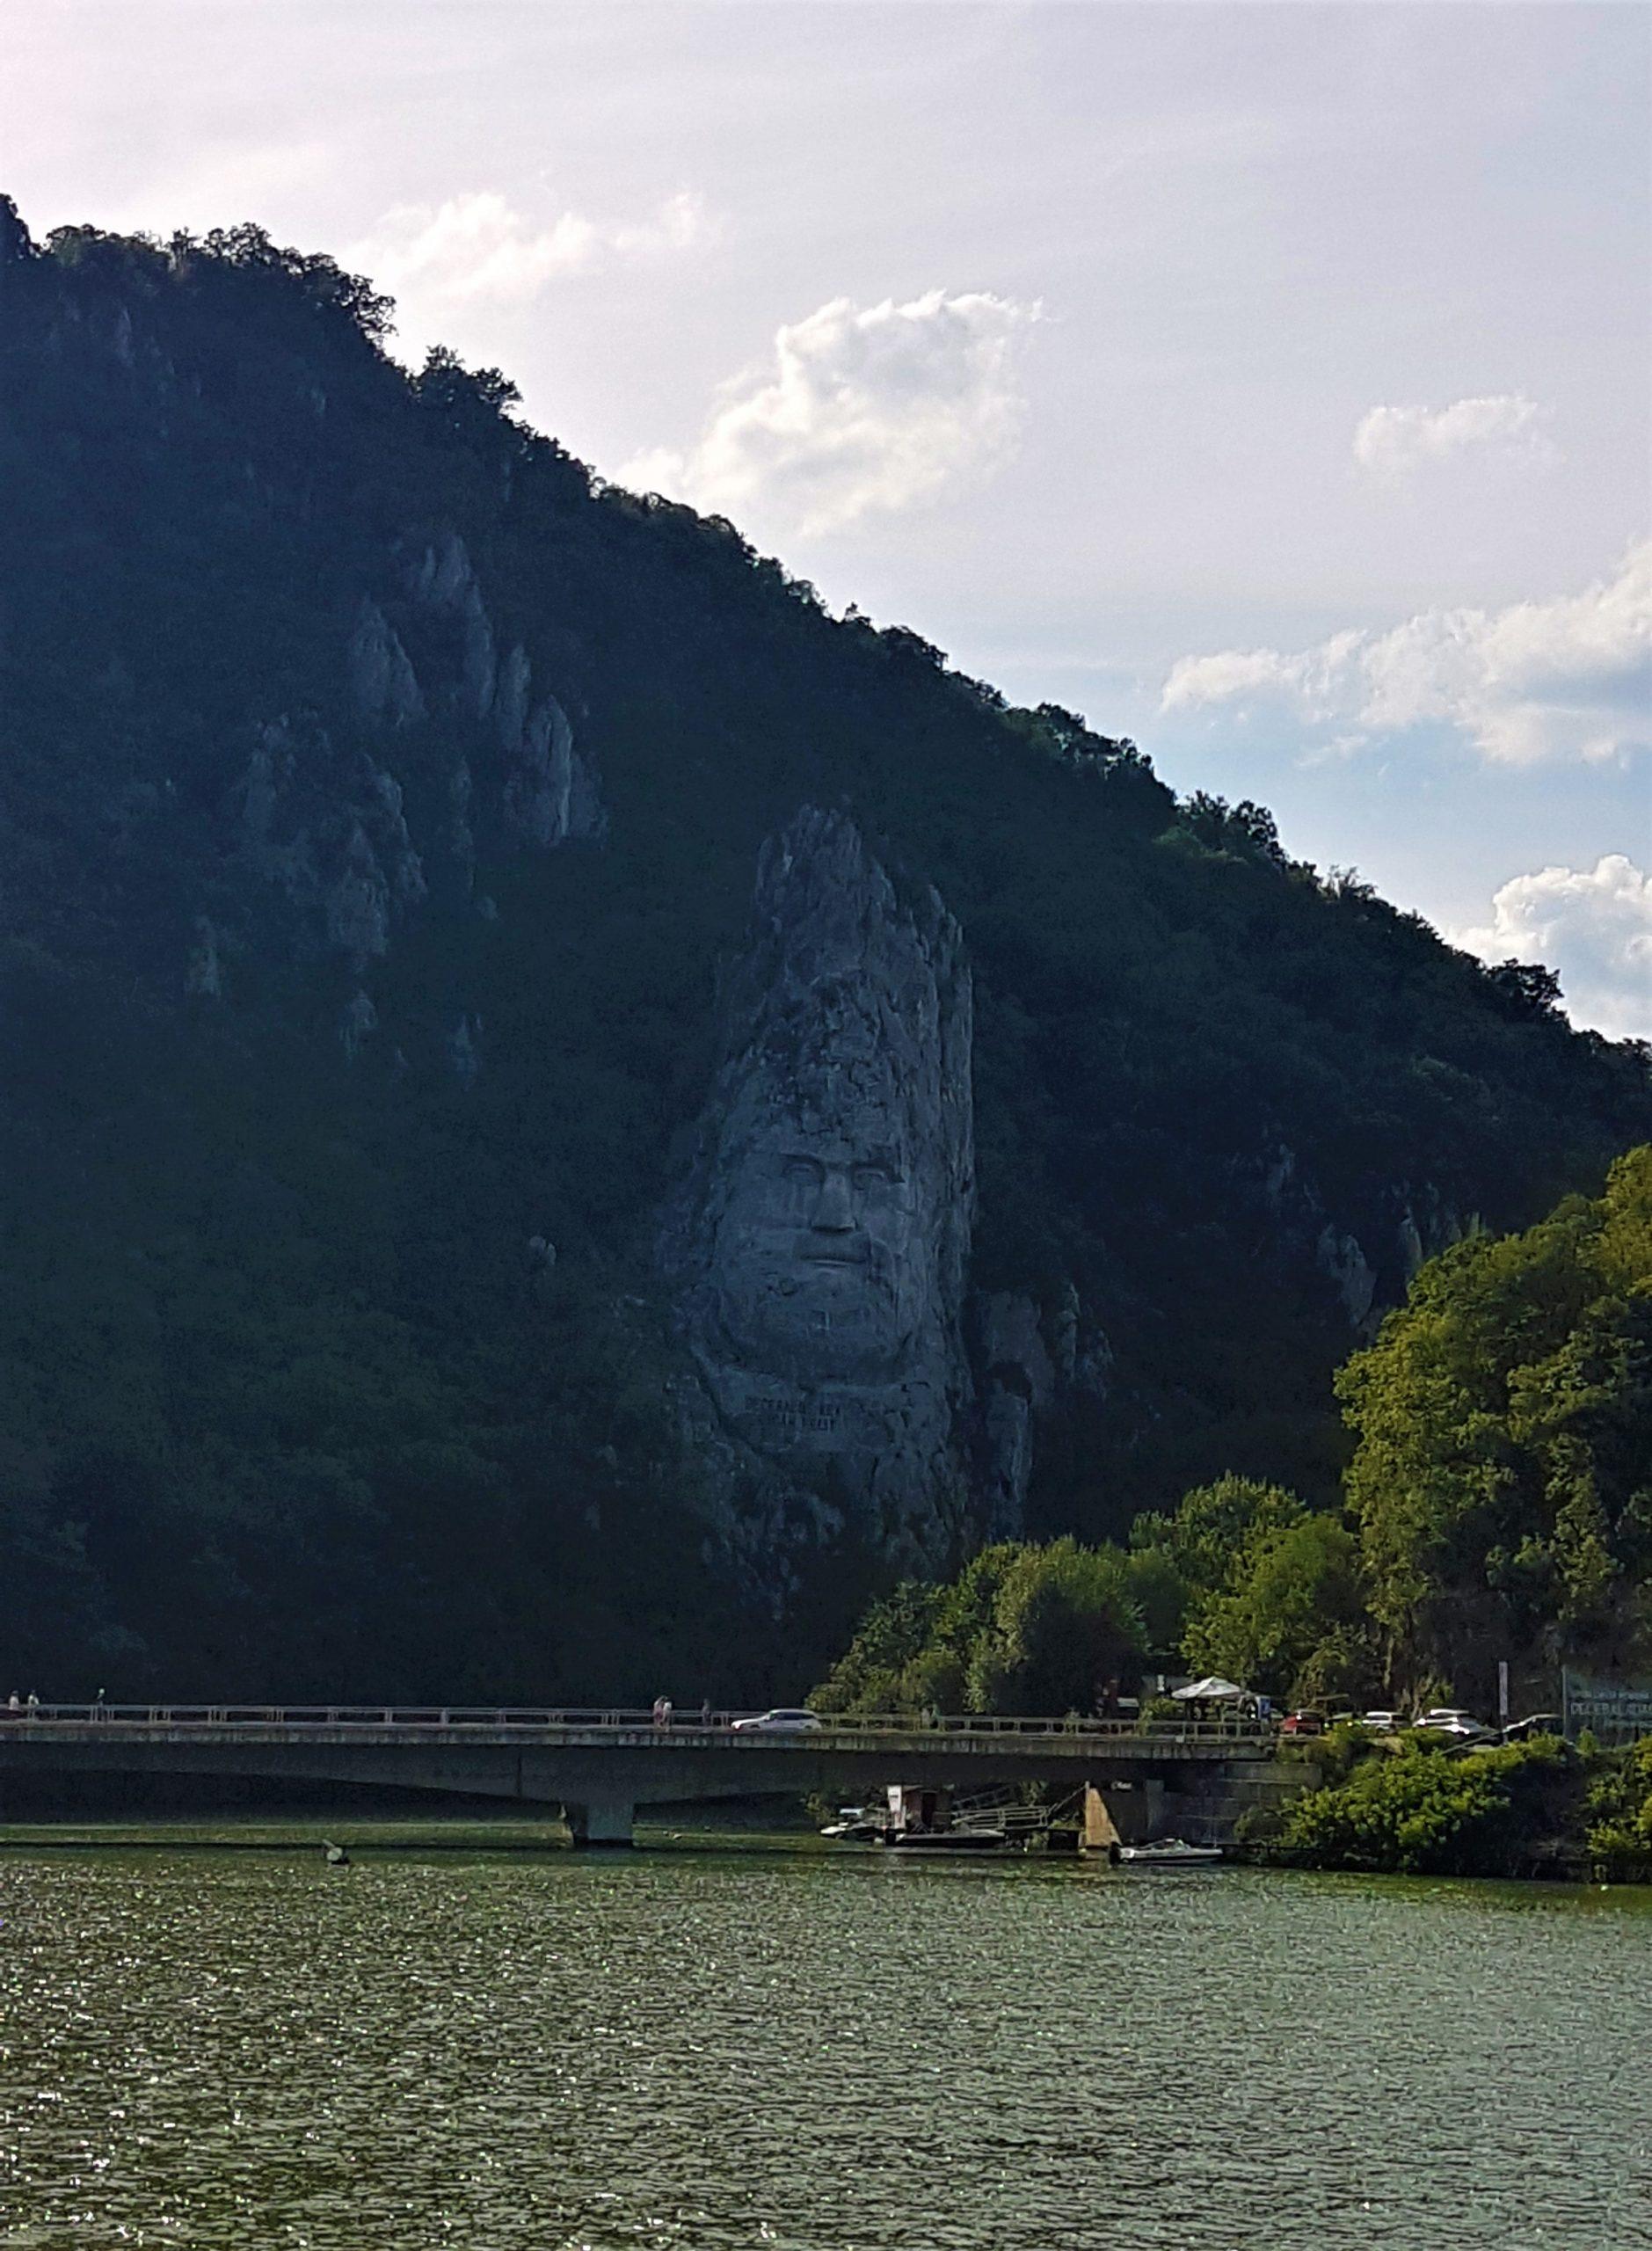 Estatua del Rey Decebalo vista desde el Danubio